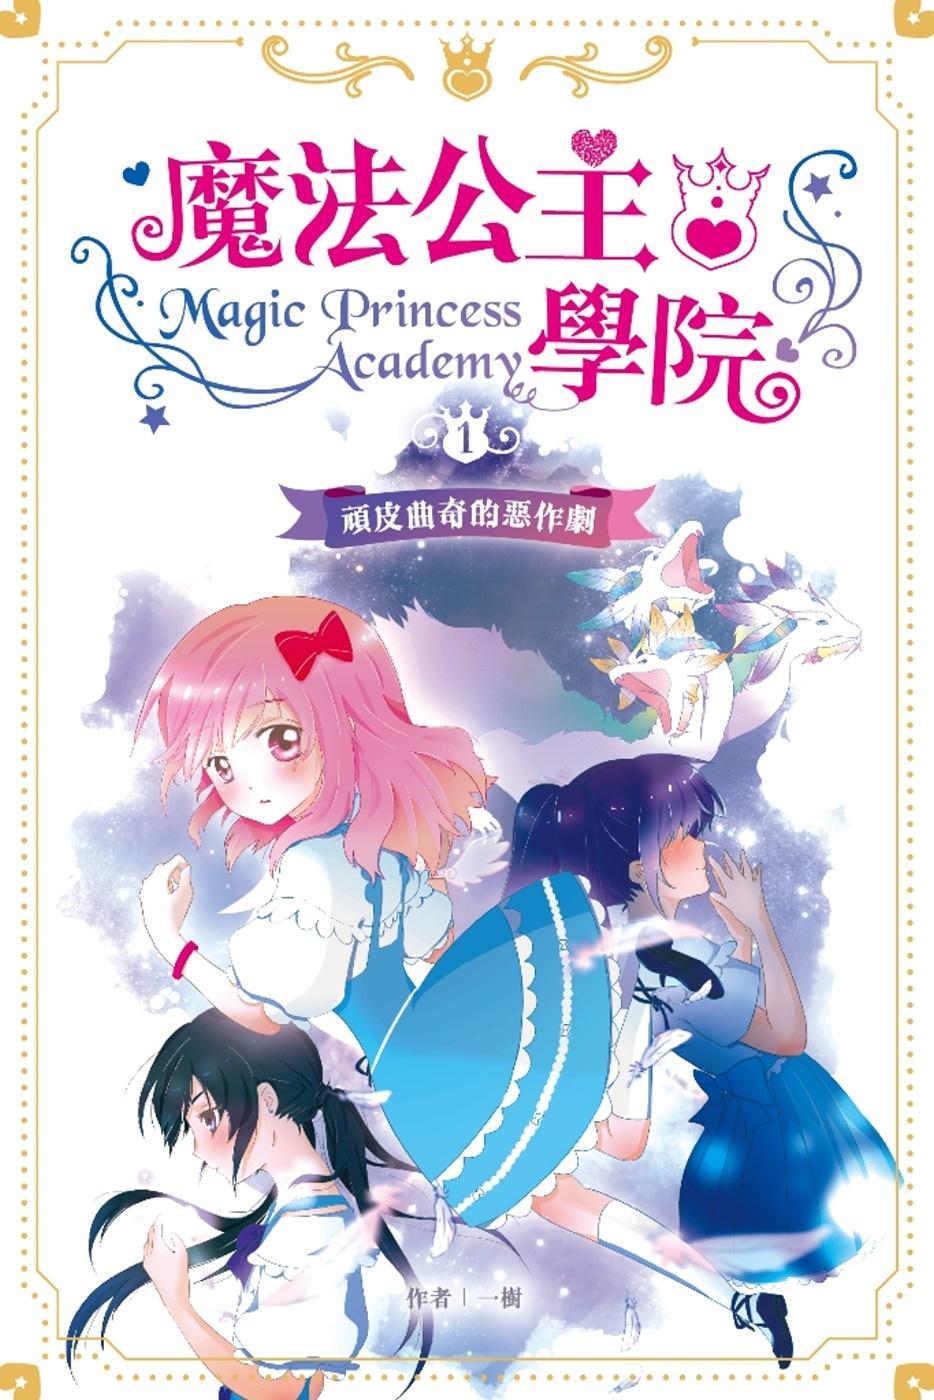 《魔法公主學院 1:頑皮曲奇的惡作劇》 商品條碼,ISBN:9789888421633